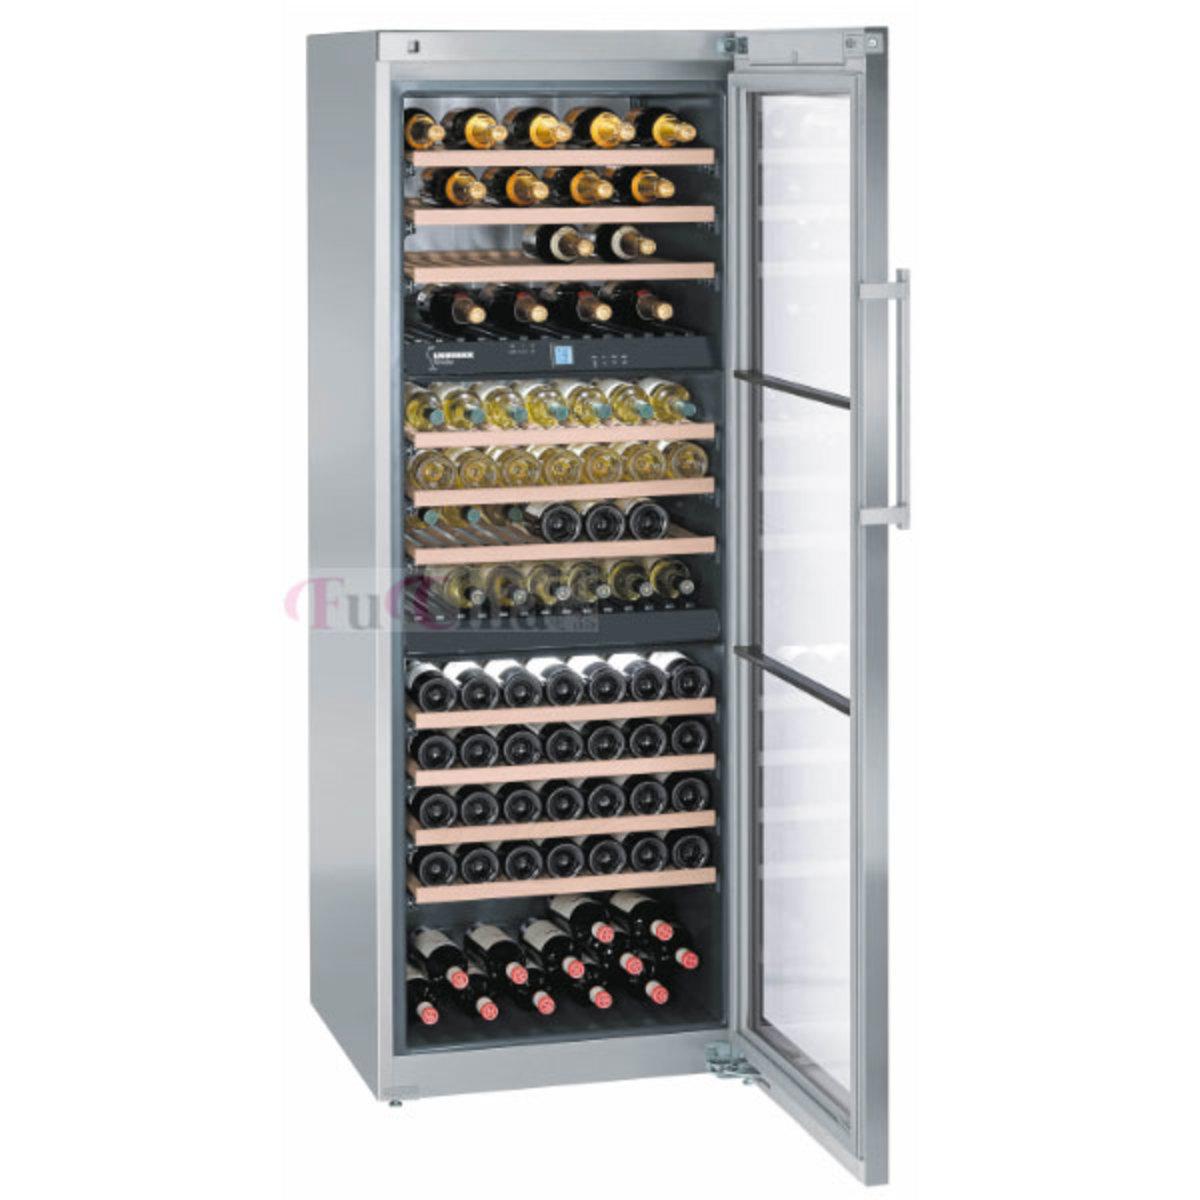 LIEBHERR WS17800 獨立式 不銹鋼 酒櫃 三溫 170瓶